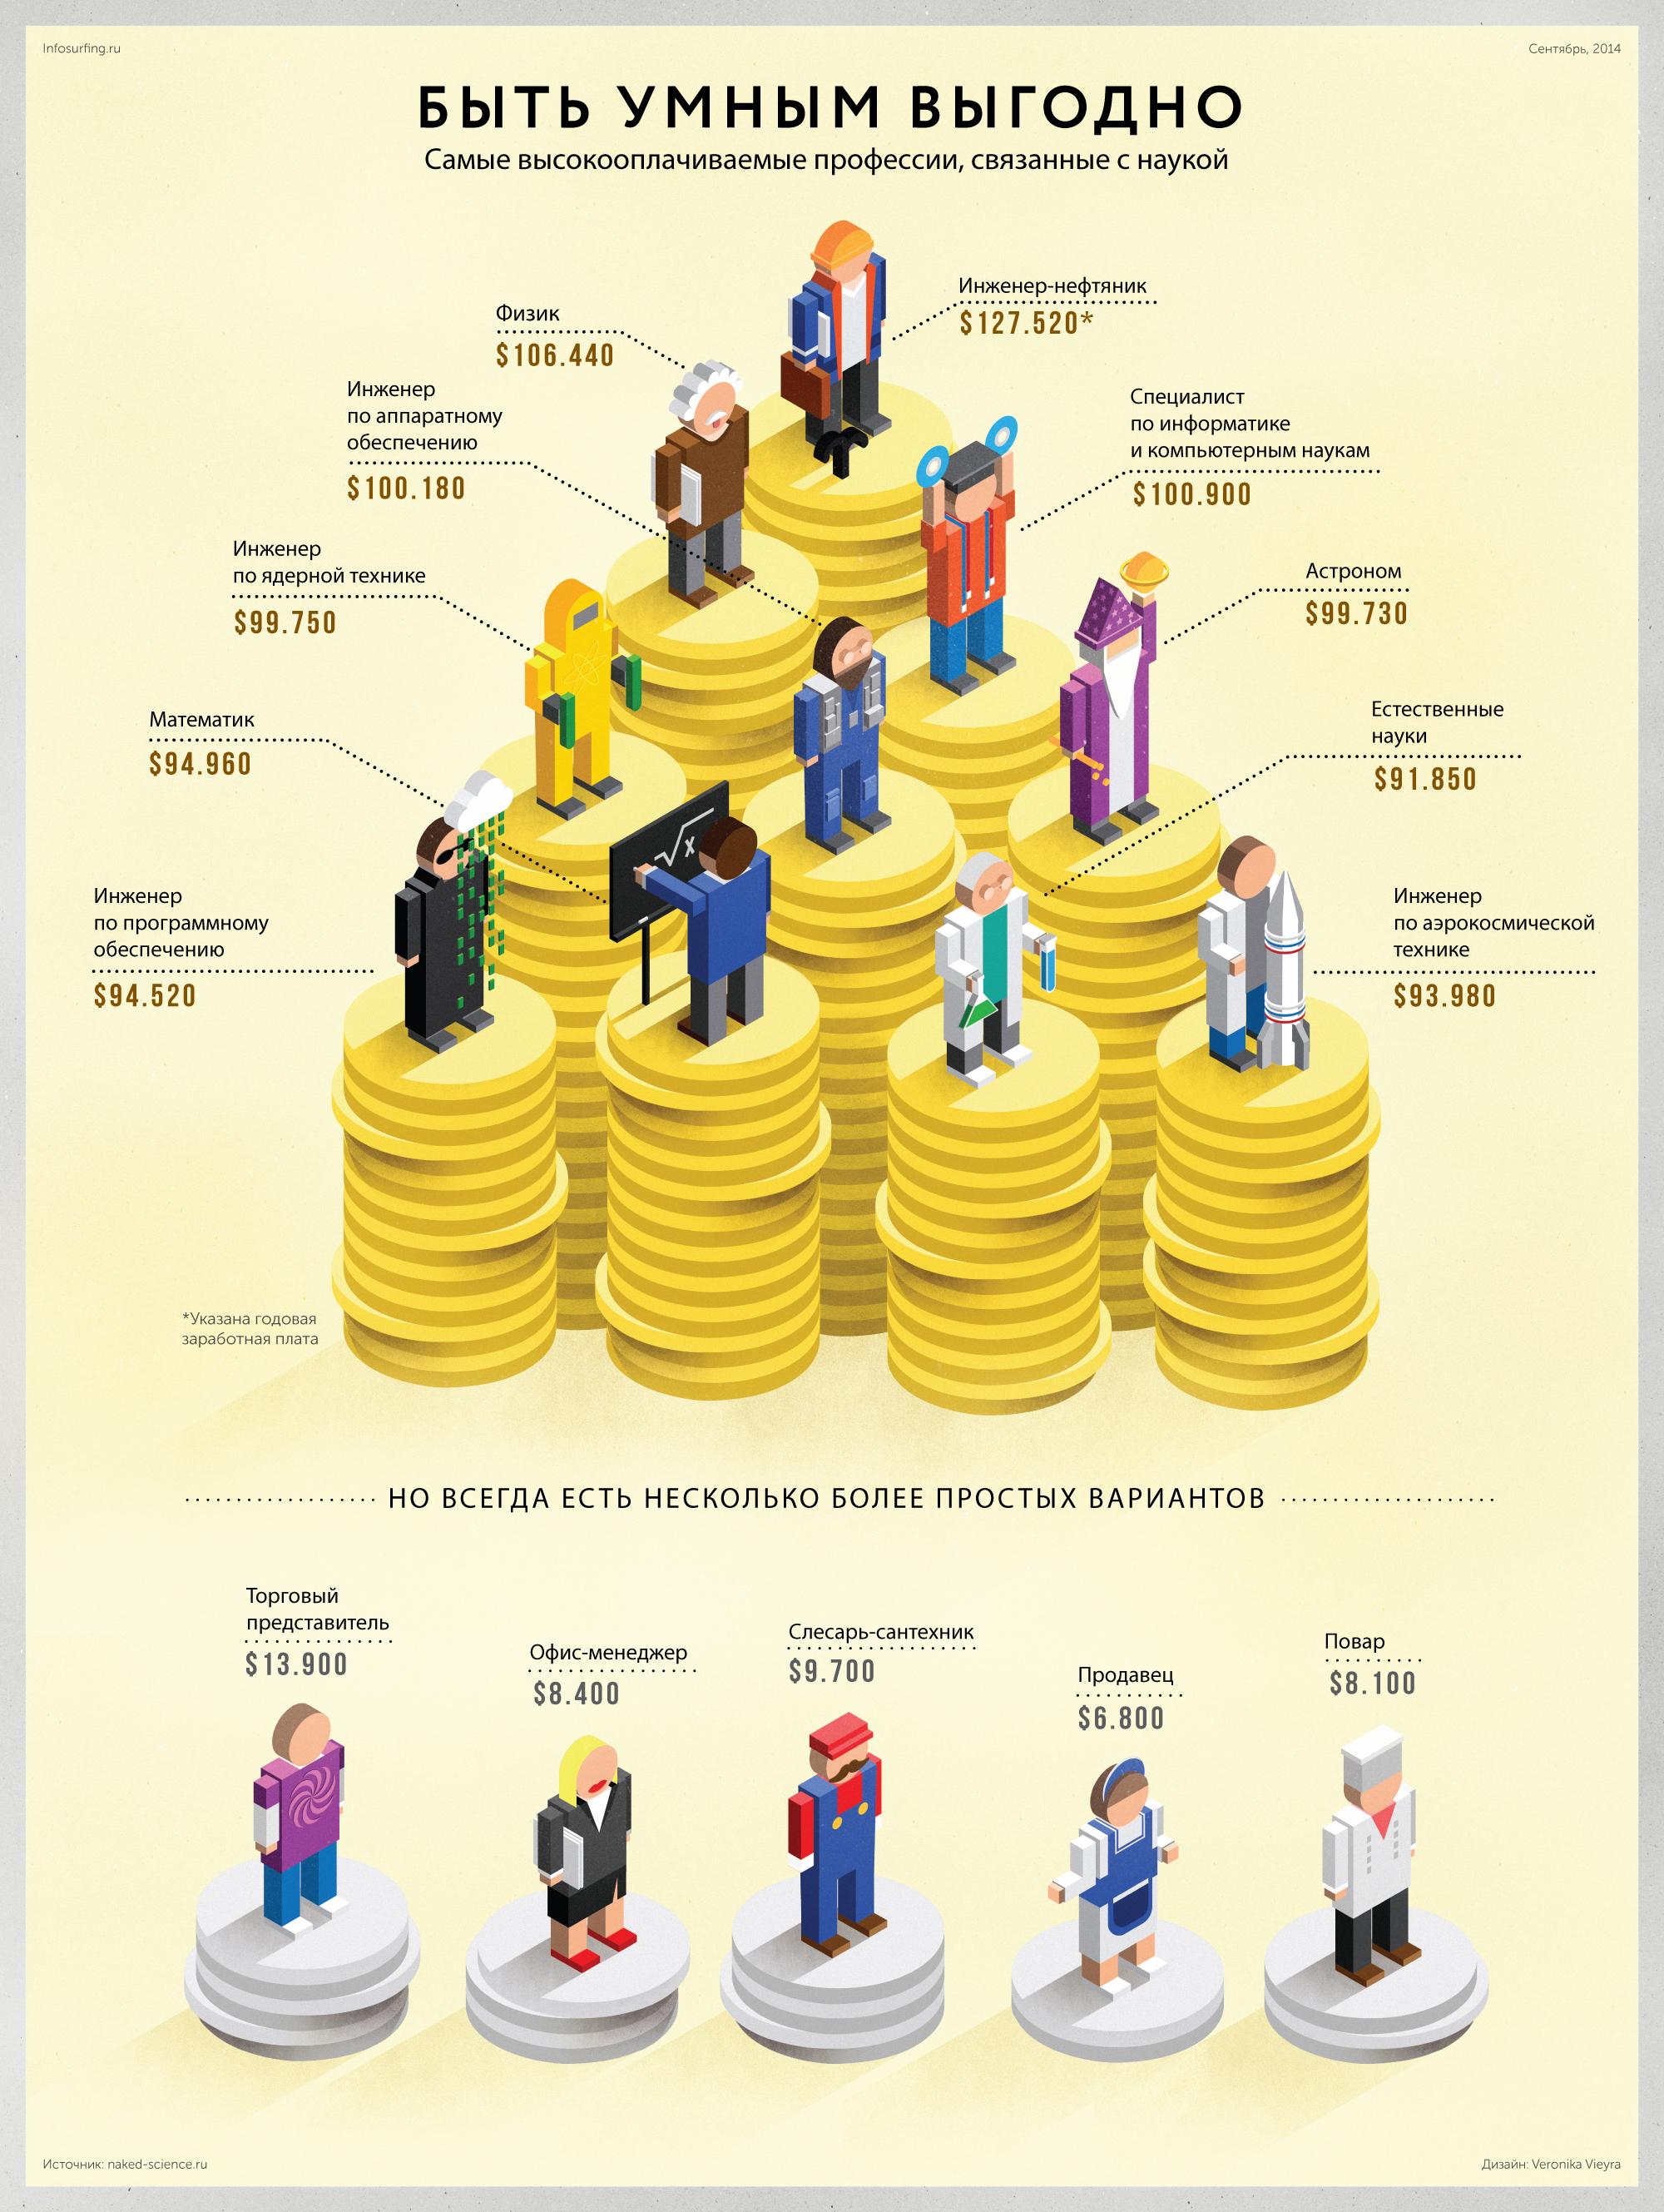 Творческие профессии: список самых высокооплачиваемых и востребованных направлений для выпускников 9 и 11 классов